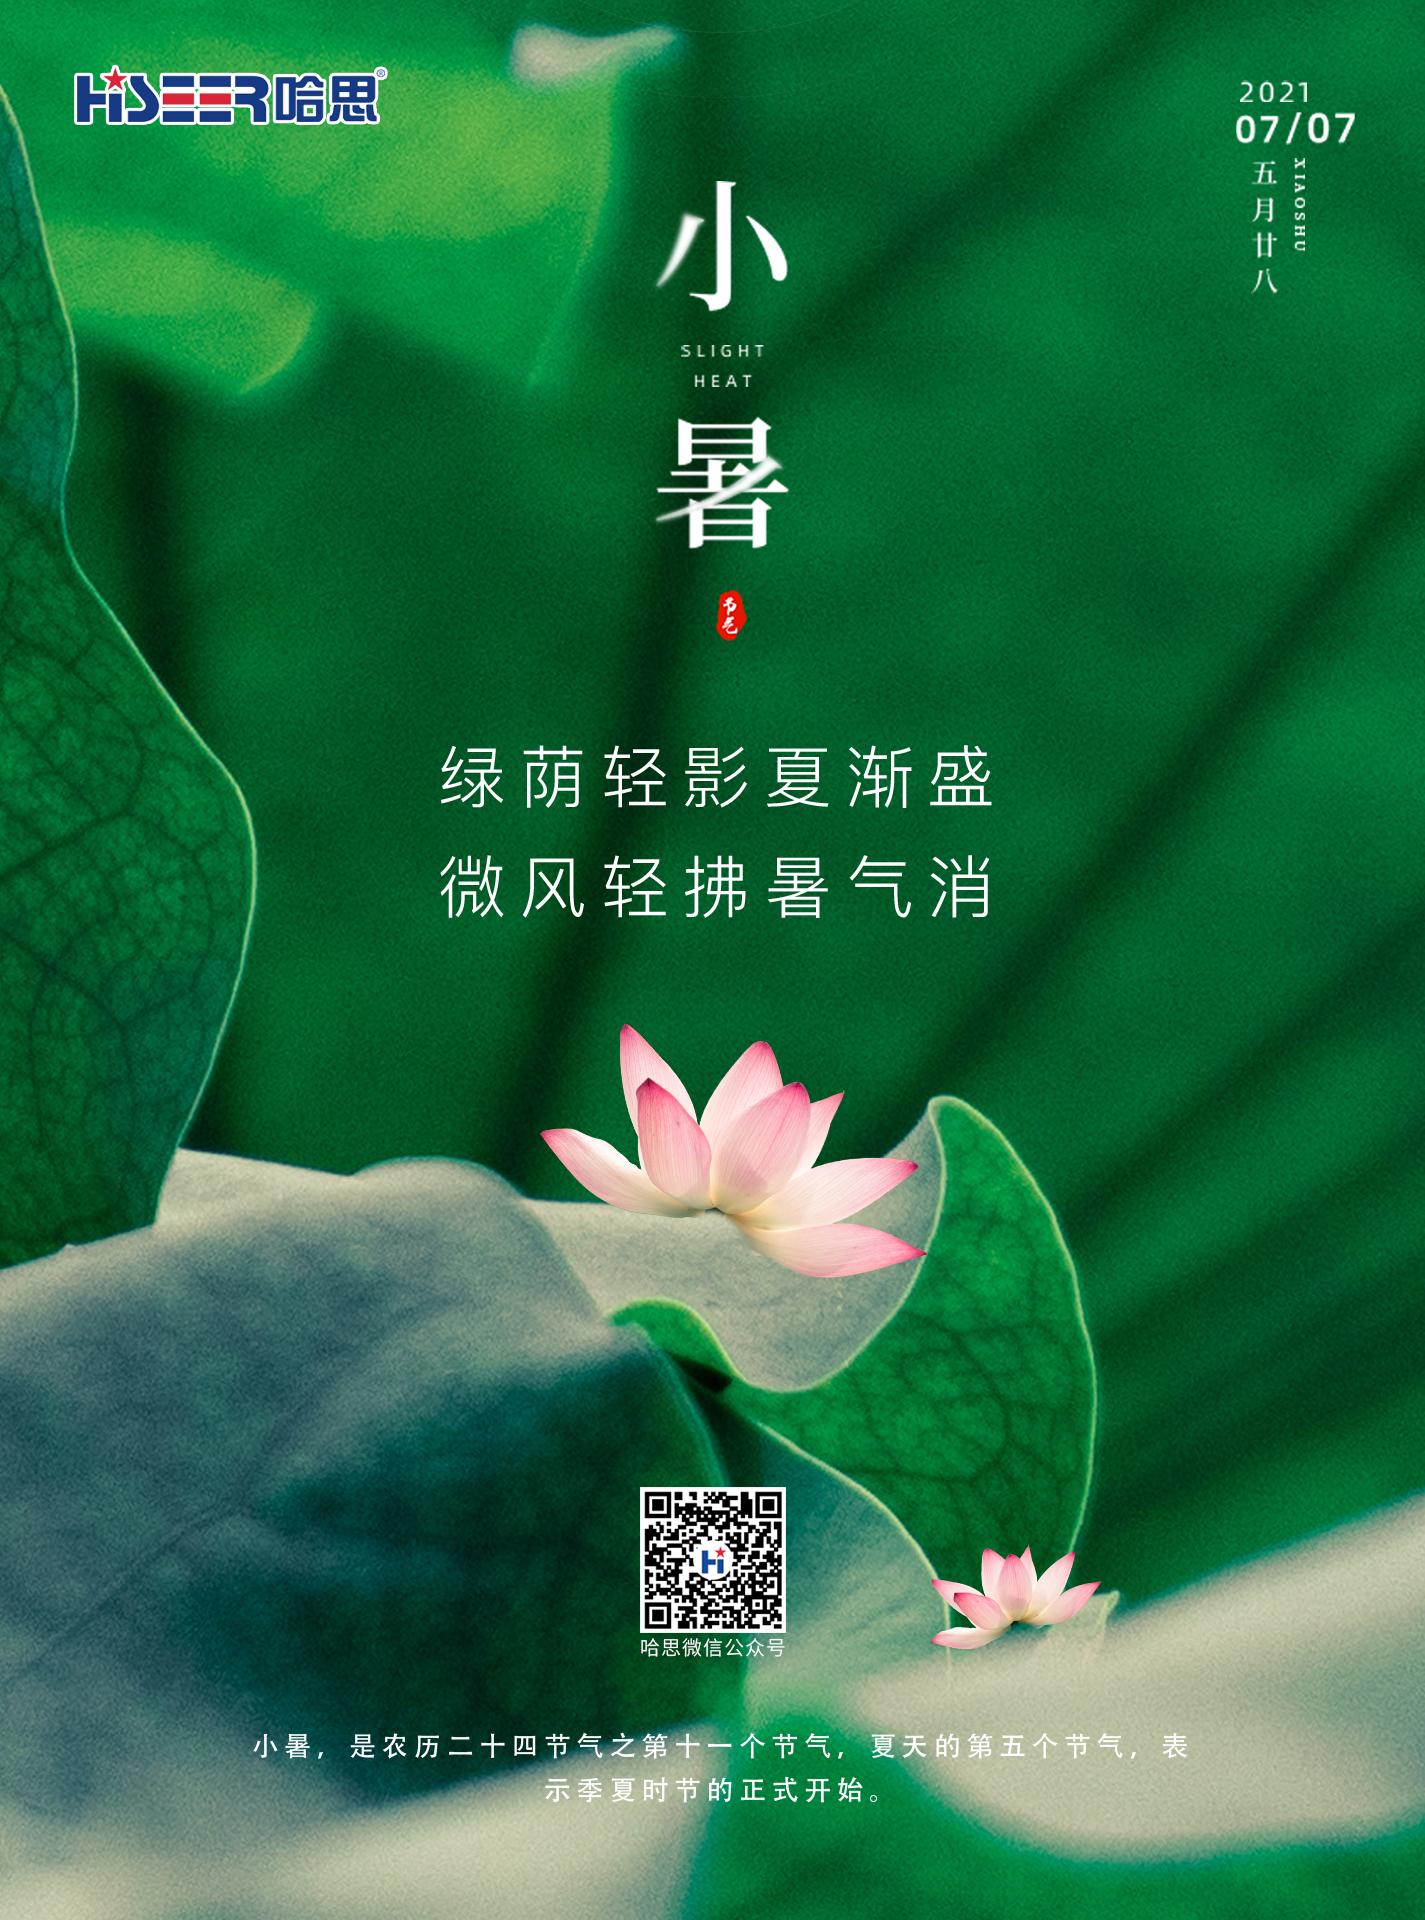 绿荫轻影夏渐盛,微风轻拂暑气消-哈思空气能海报中心